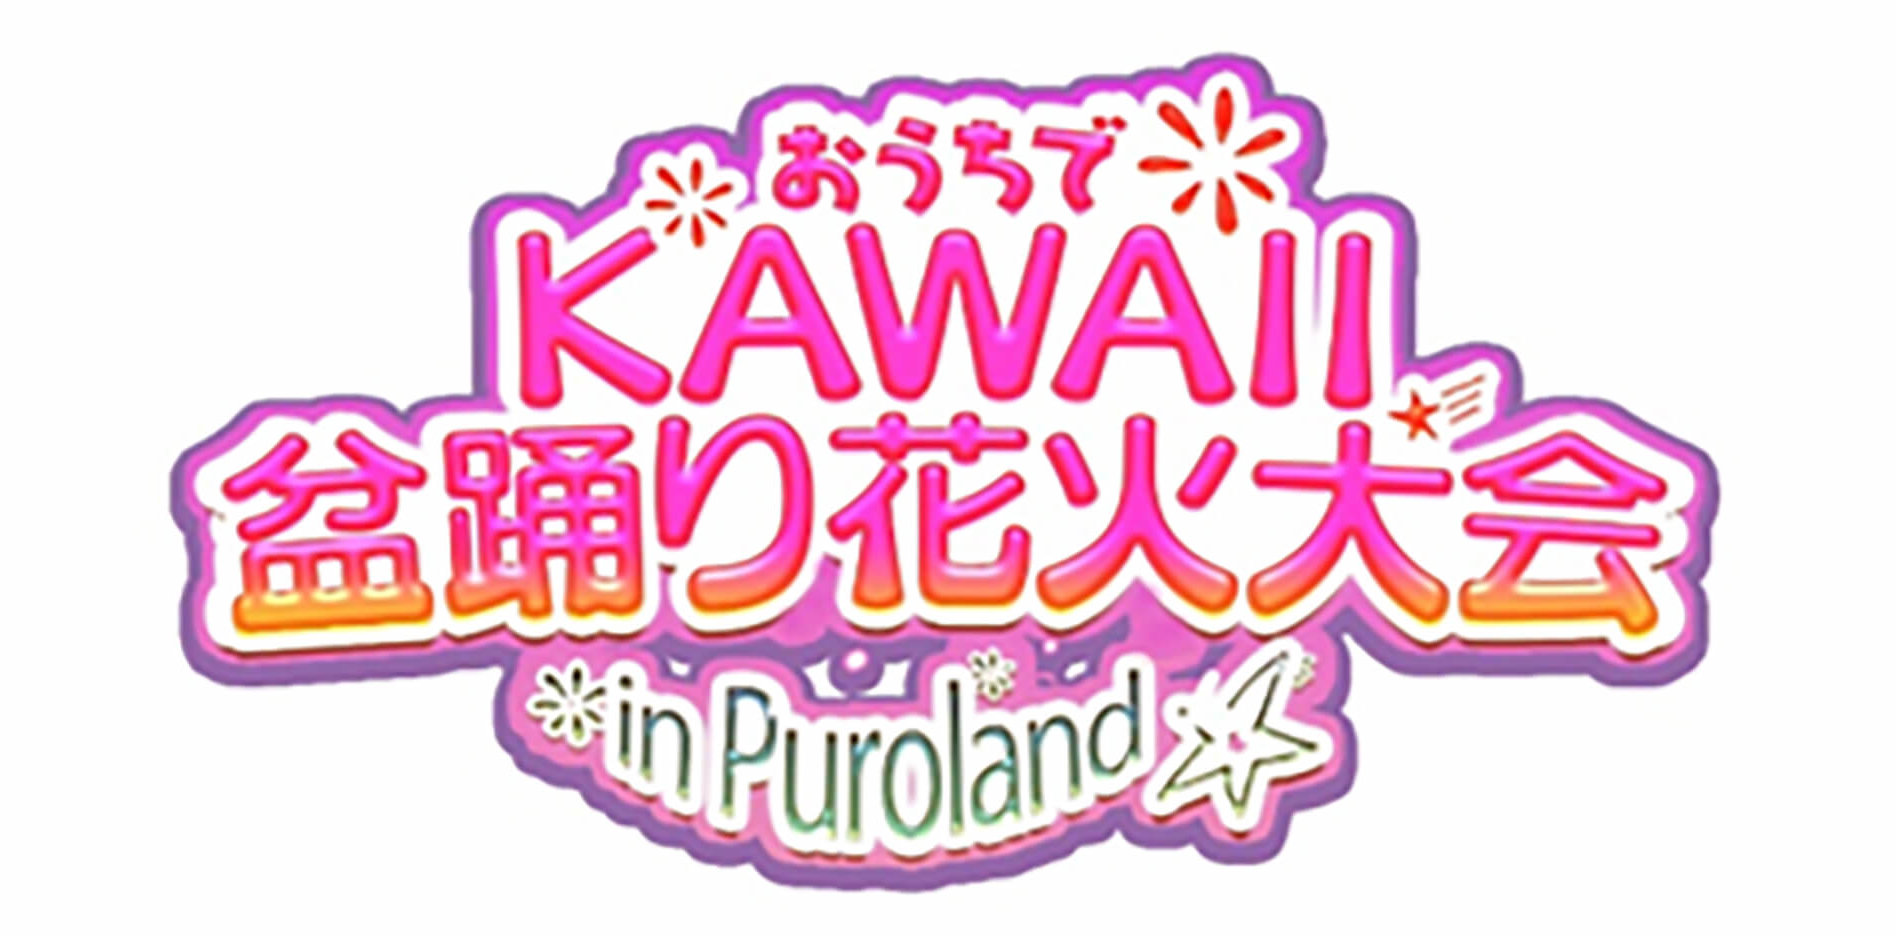 おうちでKAWAII 盆踊り花火大会in Puroland